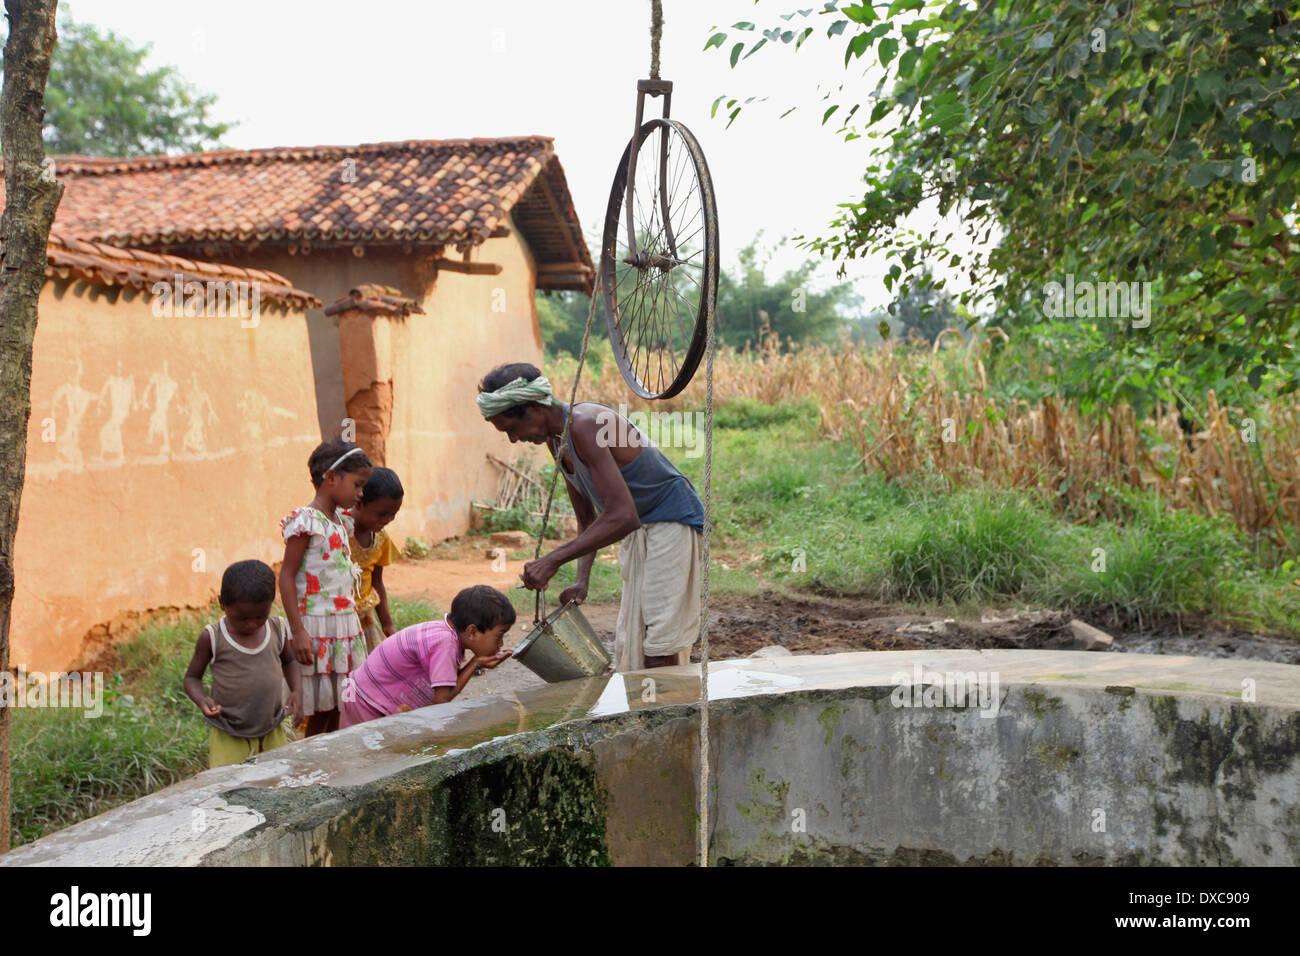 Kinder Trinkwasser aus dem Brunnen geholt. Hardhekitand Dorf, Dist Bokaro, Jharkhand, Indien Stockbild